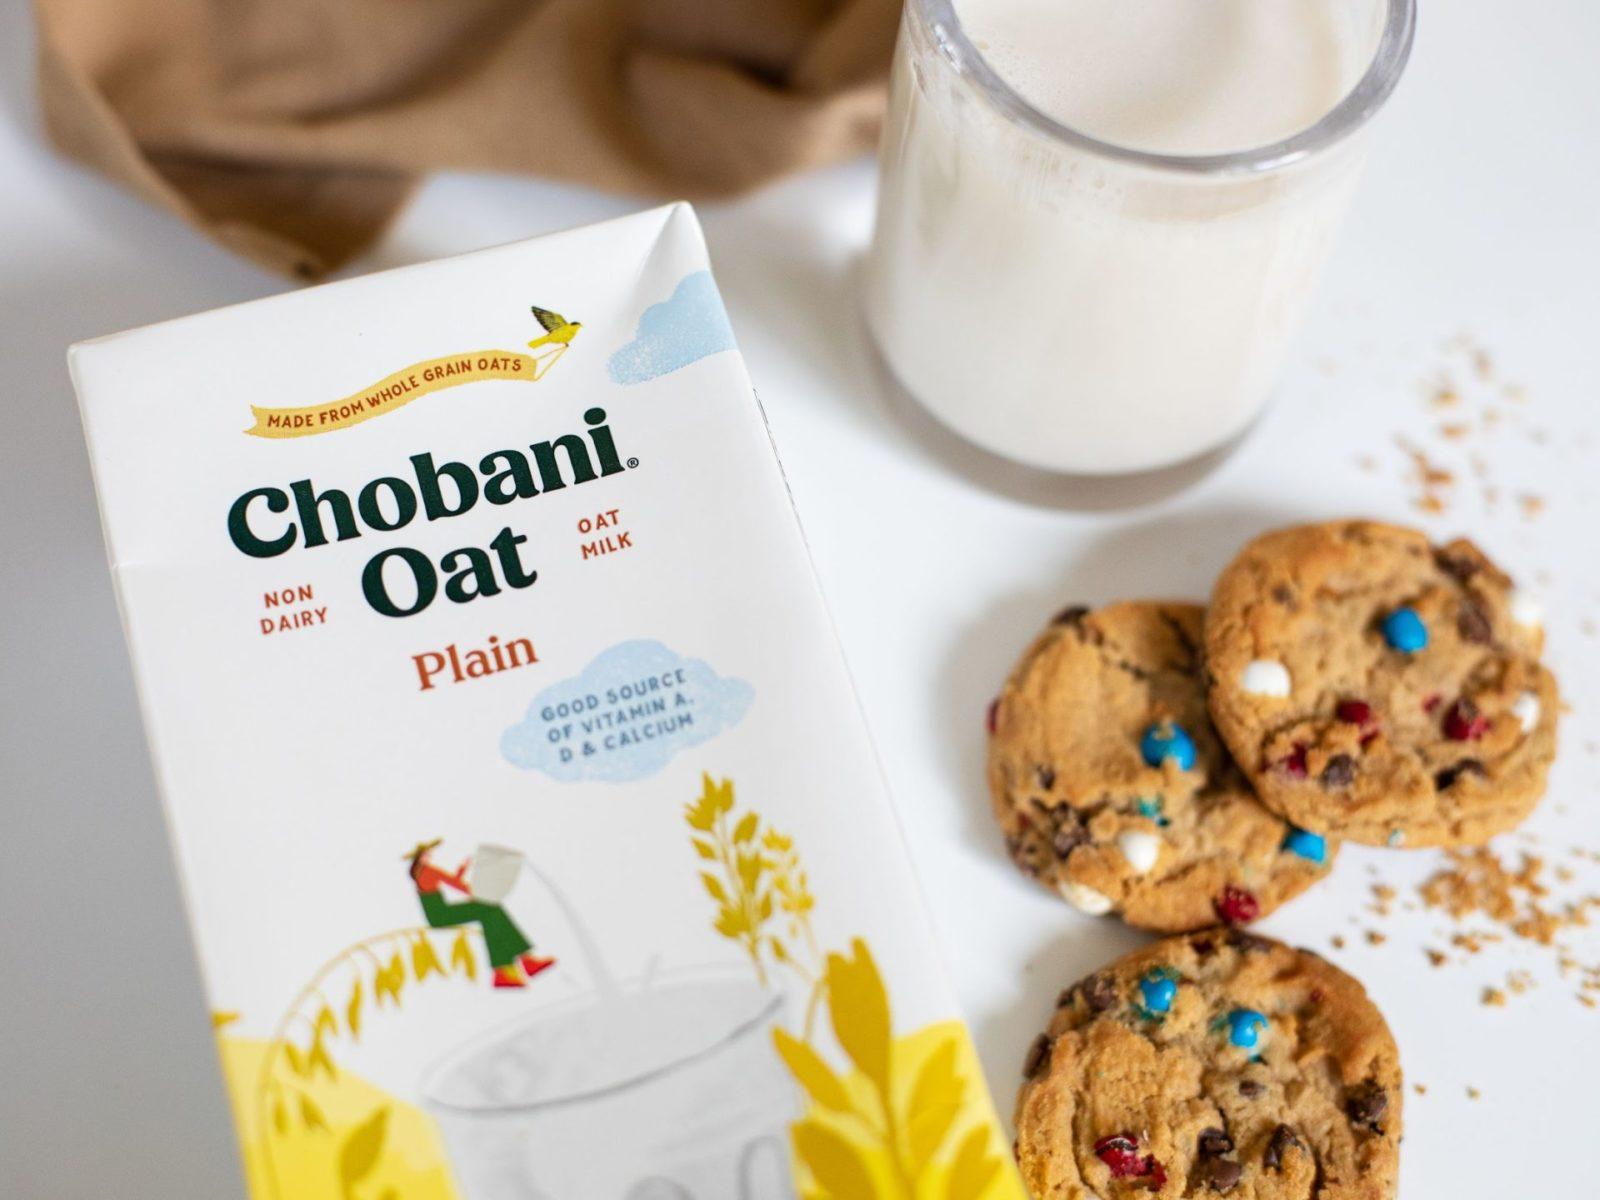 Chobani Shelf Stable Oat Milk Is .90 At Kroger